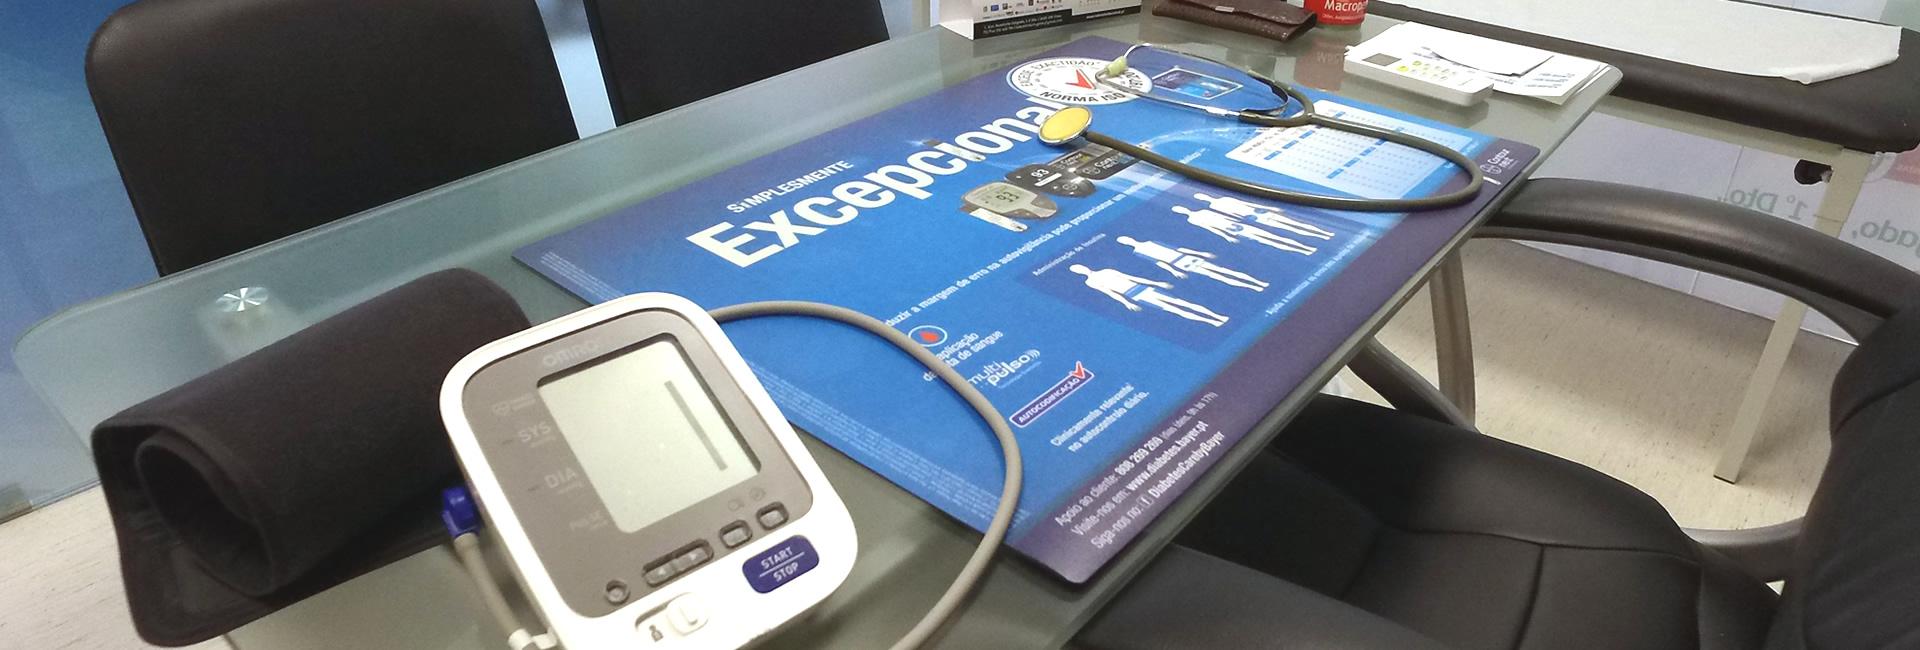 CCV - Centro Clinico de Viseu - Intermarche